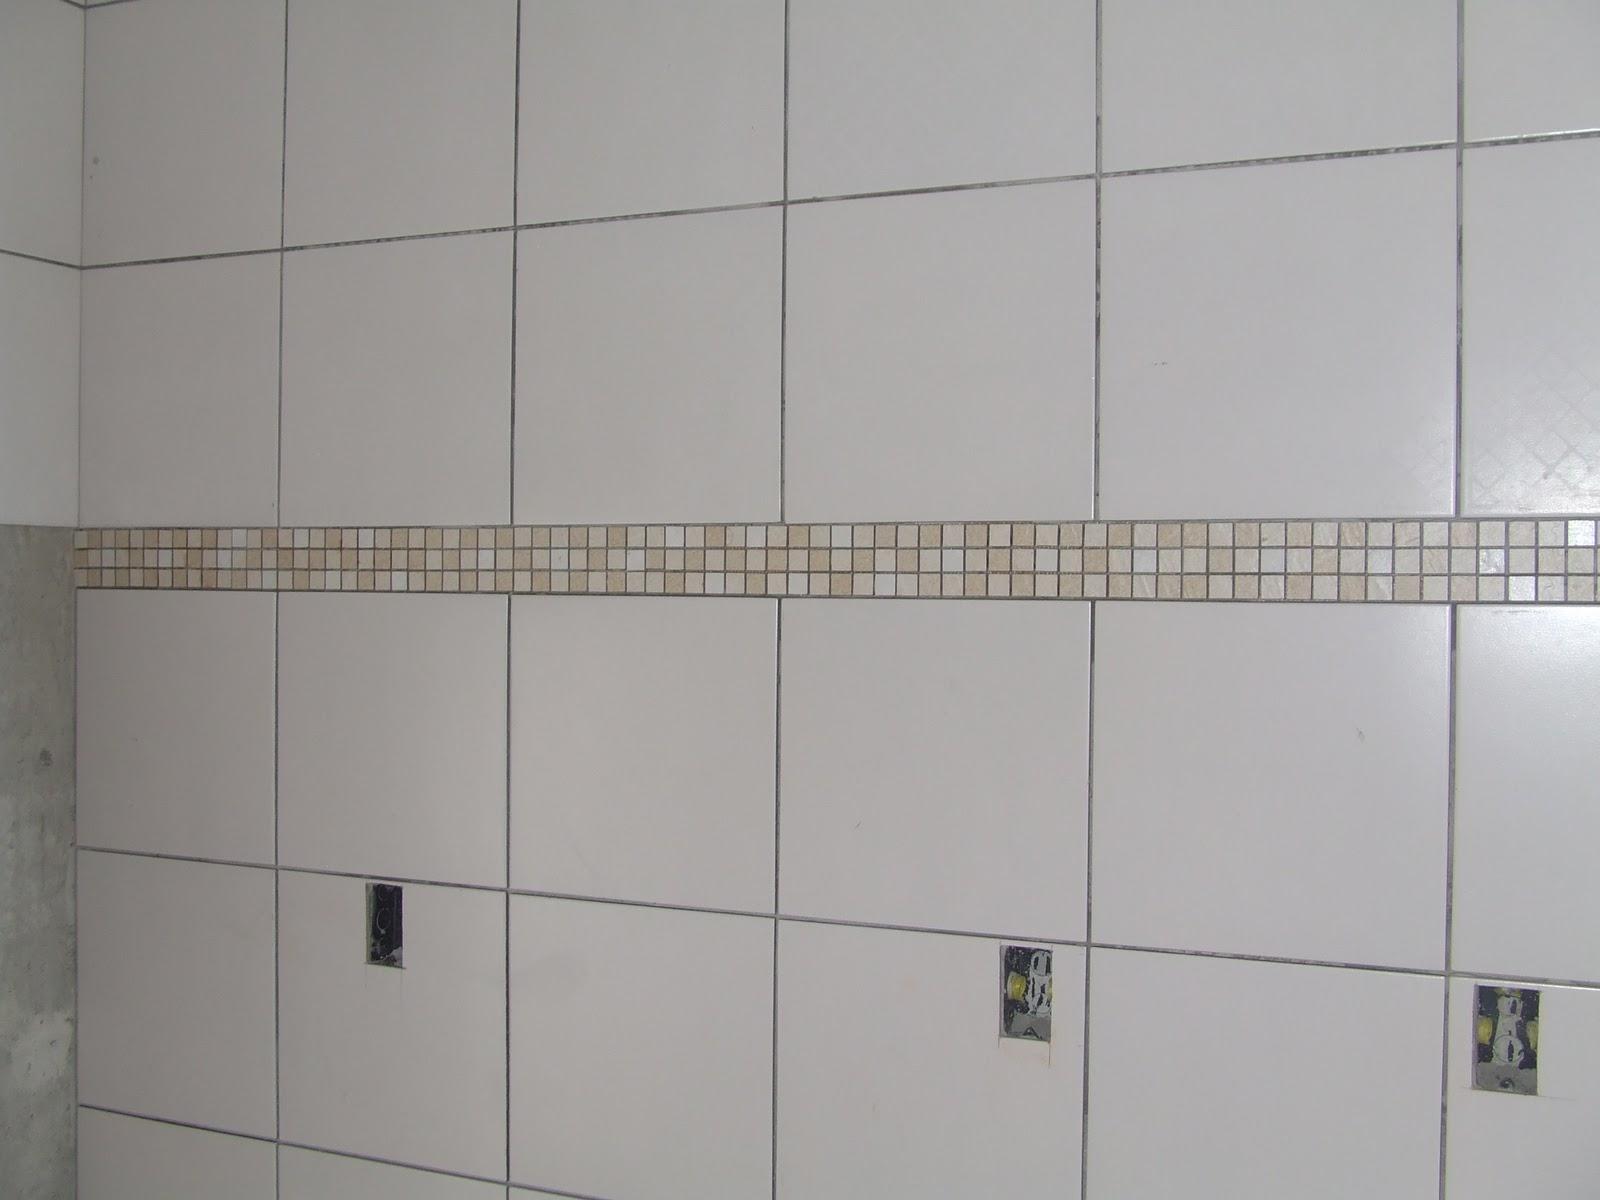 Imagens de #665F4F  que tá pronta na cozinha é a instalação hidráulica. Fotos abaixo 1600x1200 px 3698 Banheiros Prontos Fotos